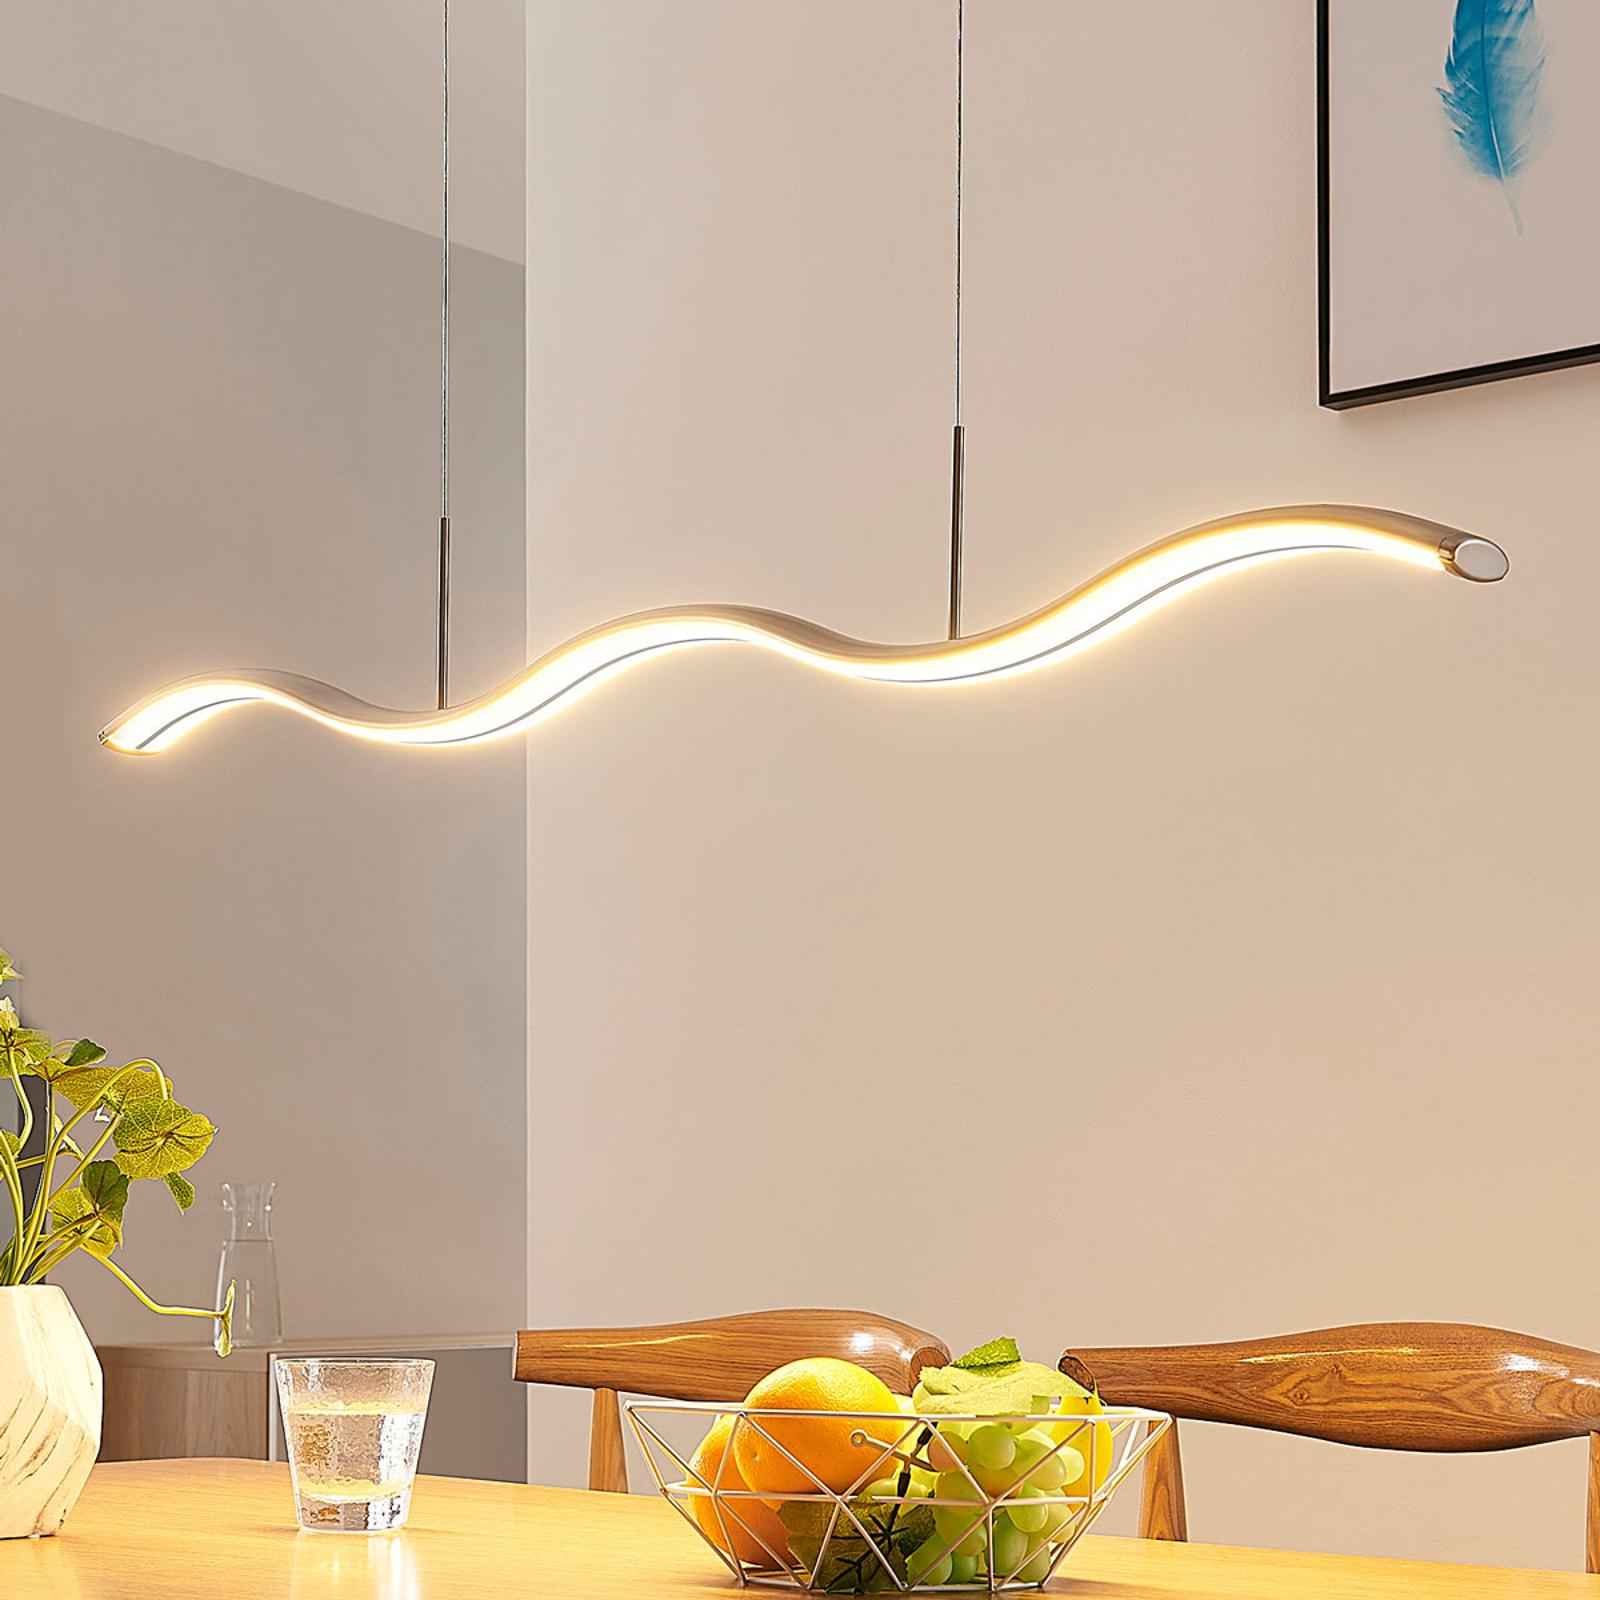 Bølgeformet LED-pendellampe Brama